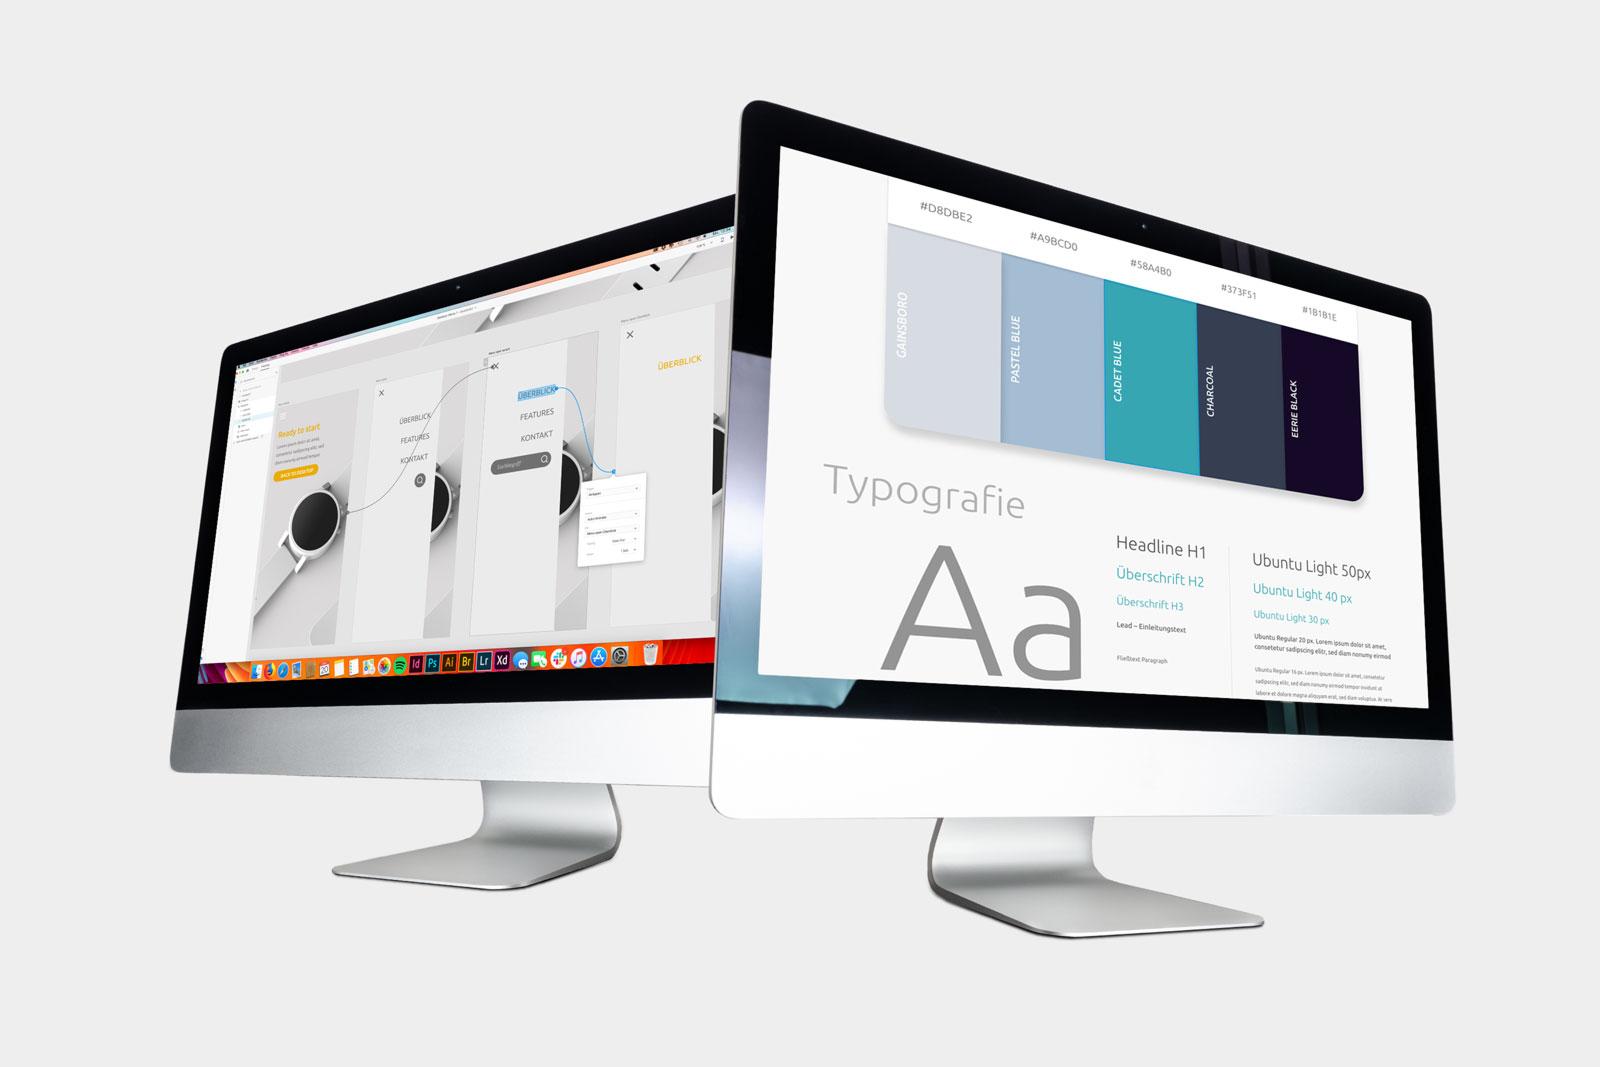 Bildschirme mit UX-Design, Illustration für das Adobe XD-Tutorial – Experience Design und Prototyping